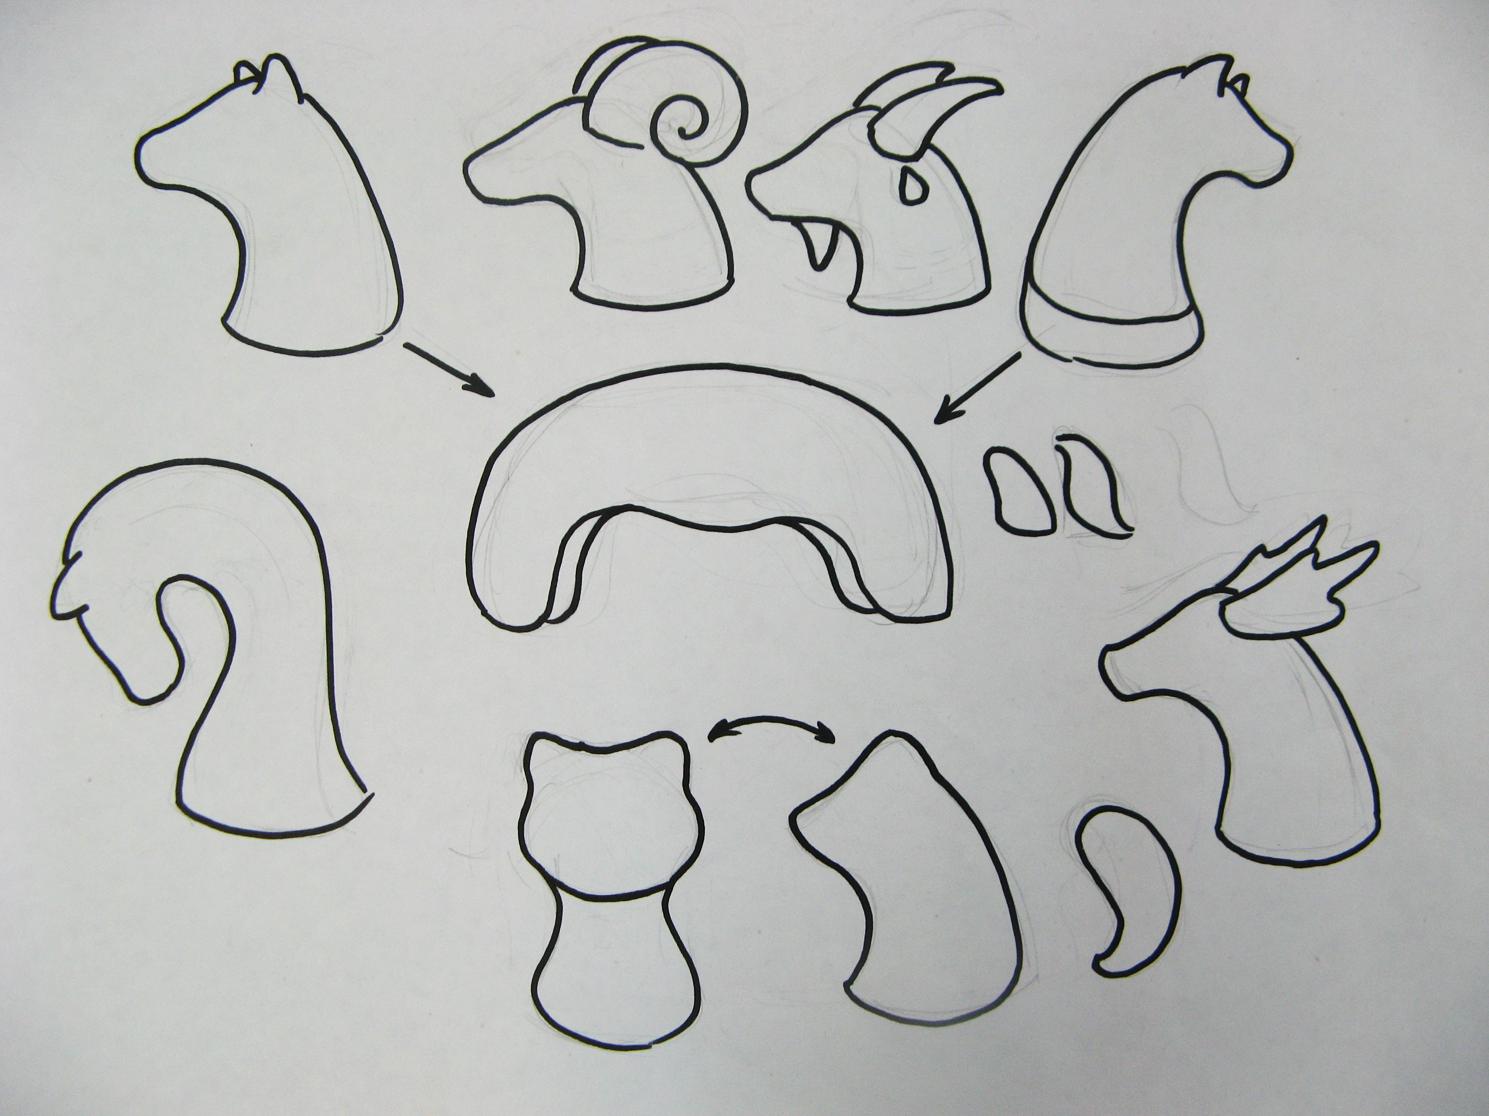 сыворотка экселанс олешек дымковская игрушка картинки лепка схема хорошо, что